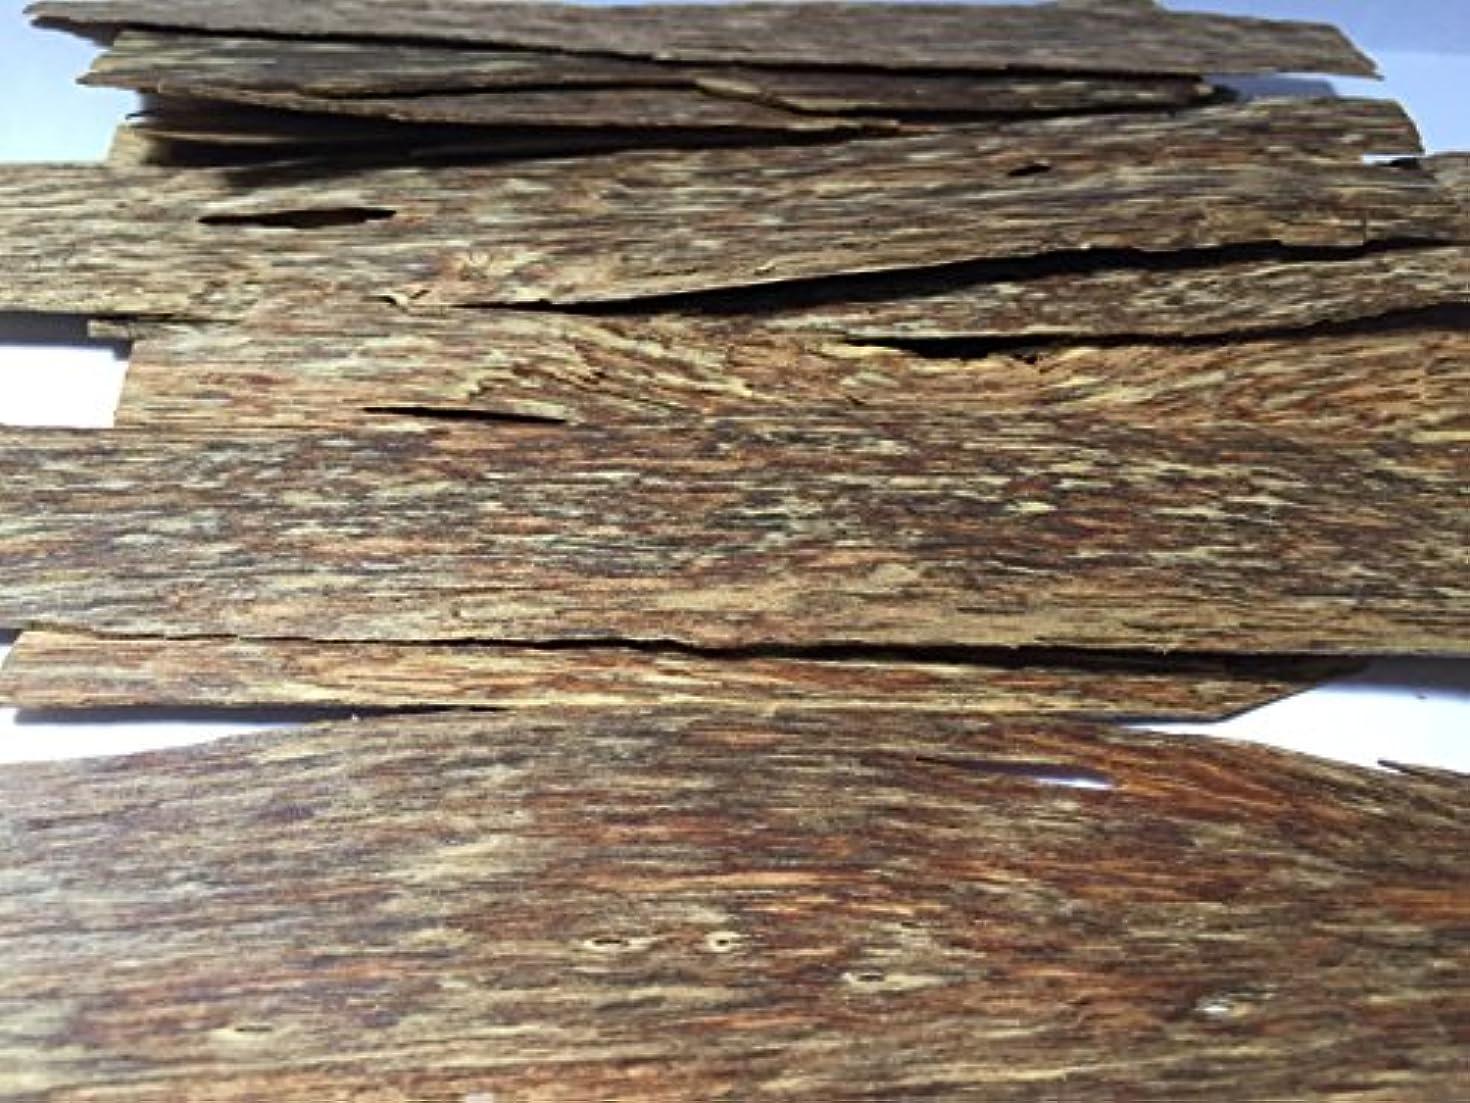 期待するスピリチュアル書店oudwoodvietnam. Com元Natural Wild Agarwood OudチップGrade A + | 2 kgお香アロマ